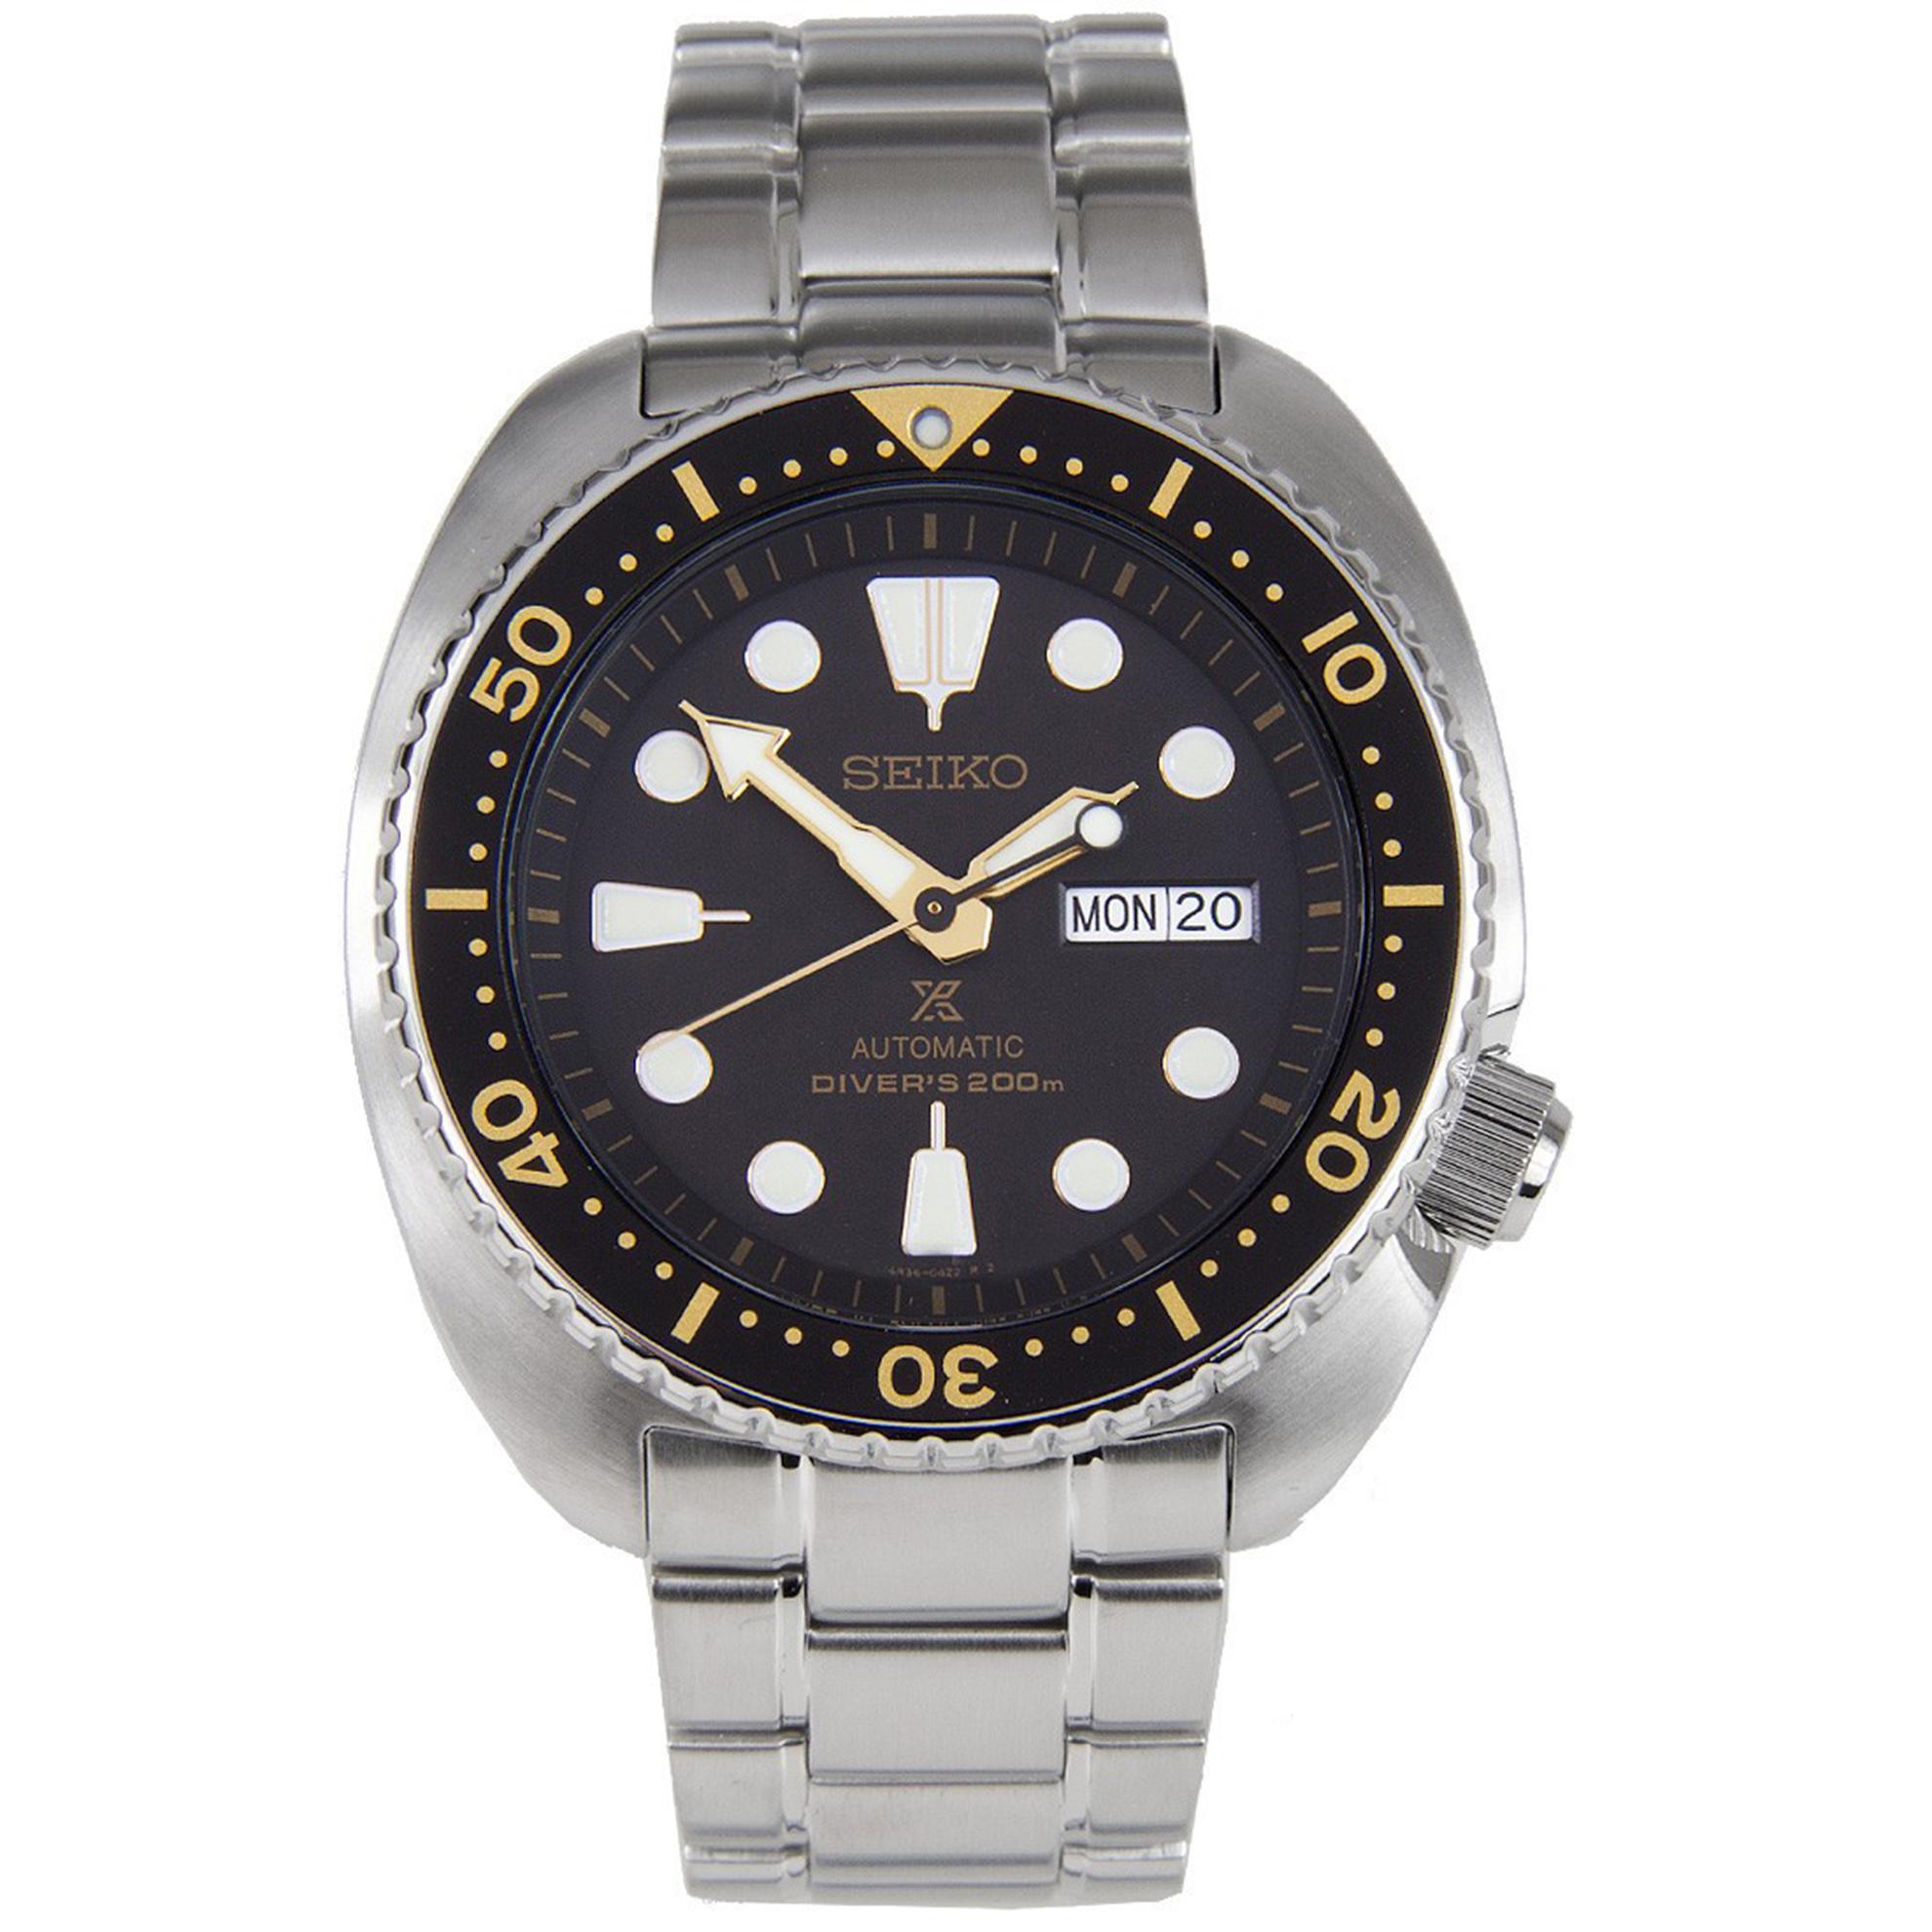 Seiko SRP775K1 Seiko Turtle Diver Automatic Stainless Steel Black Dial